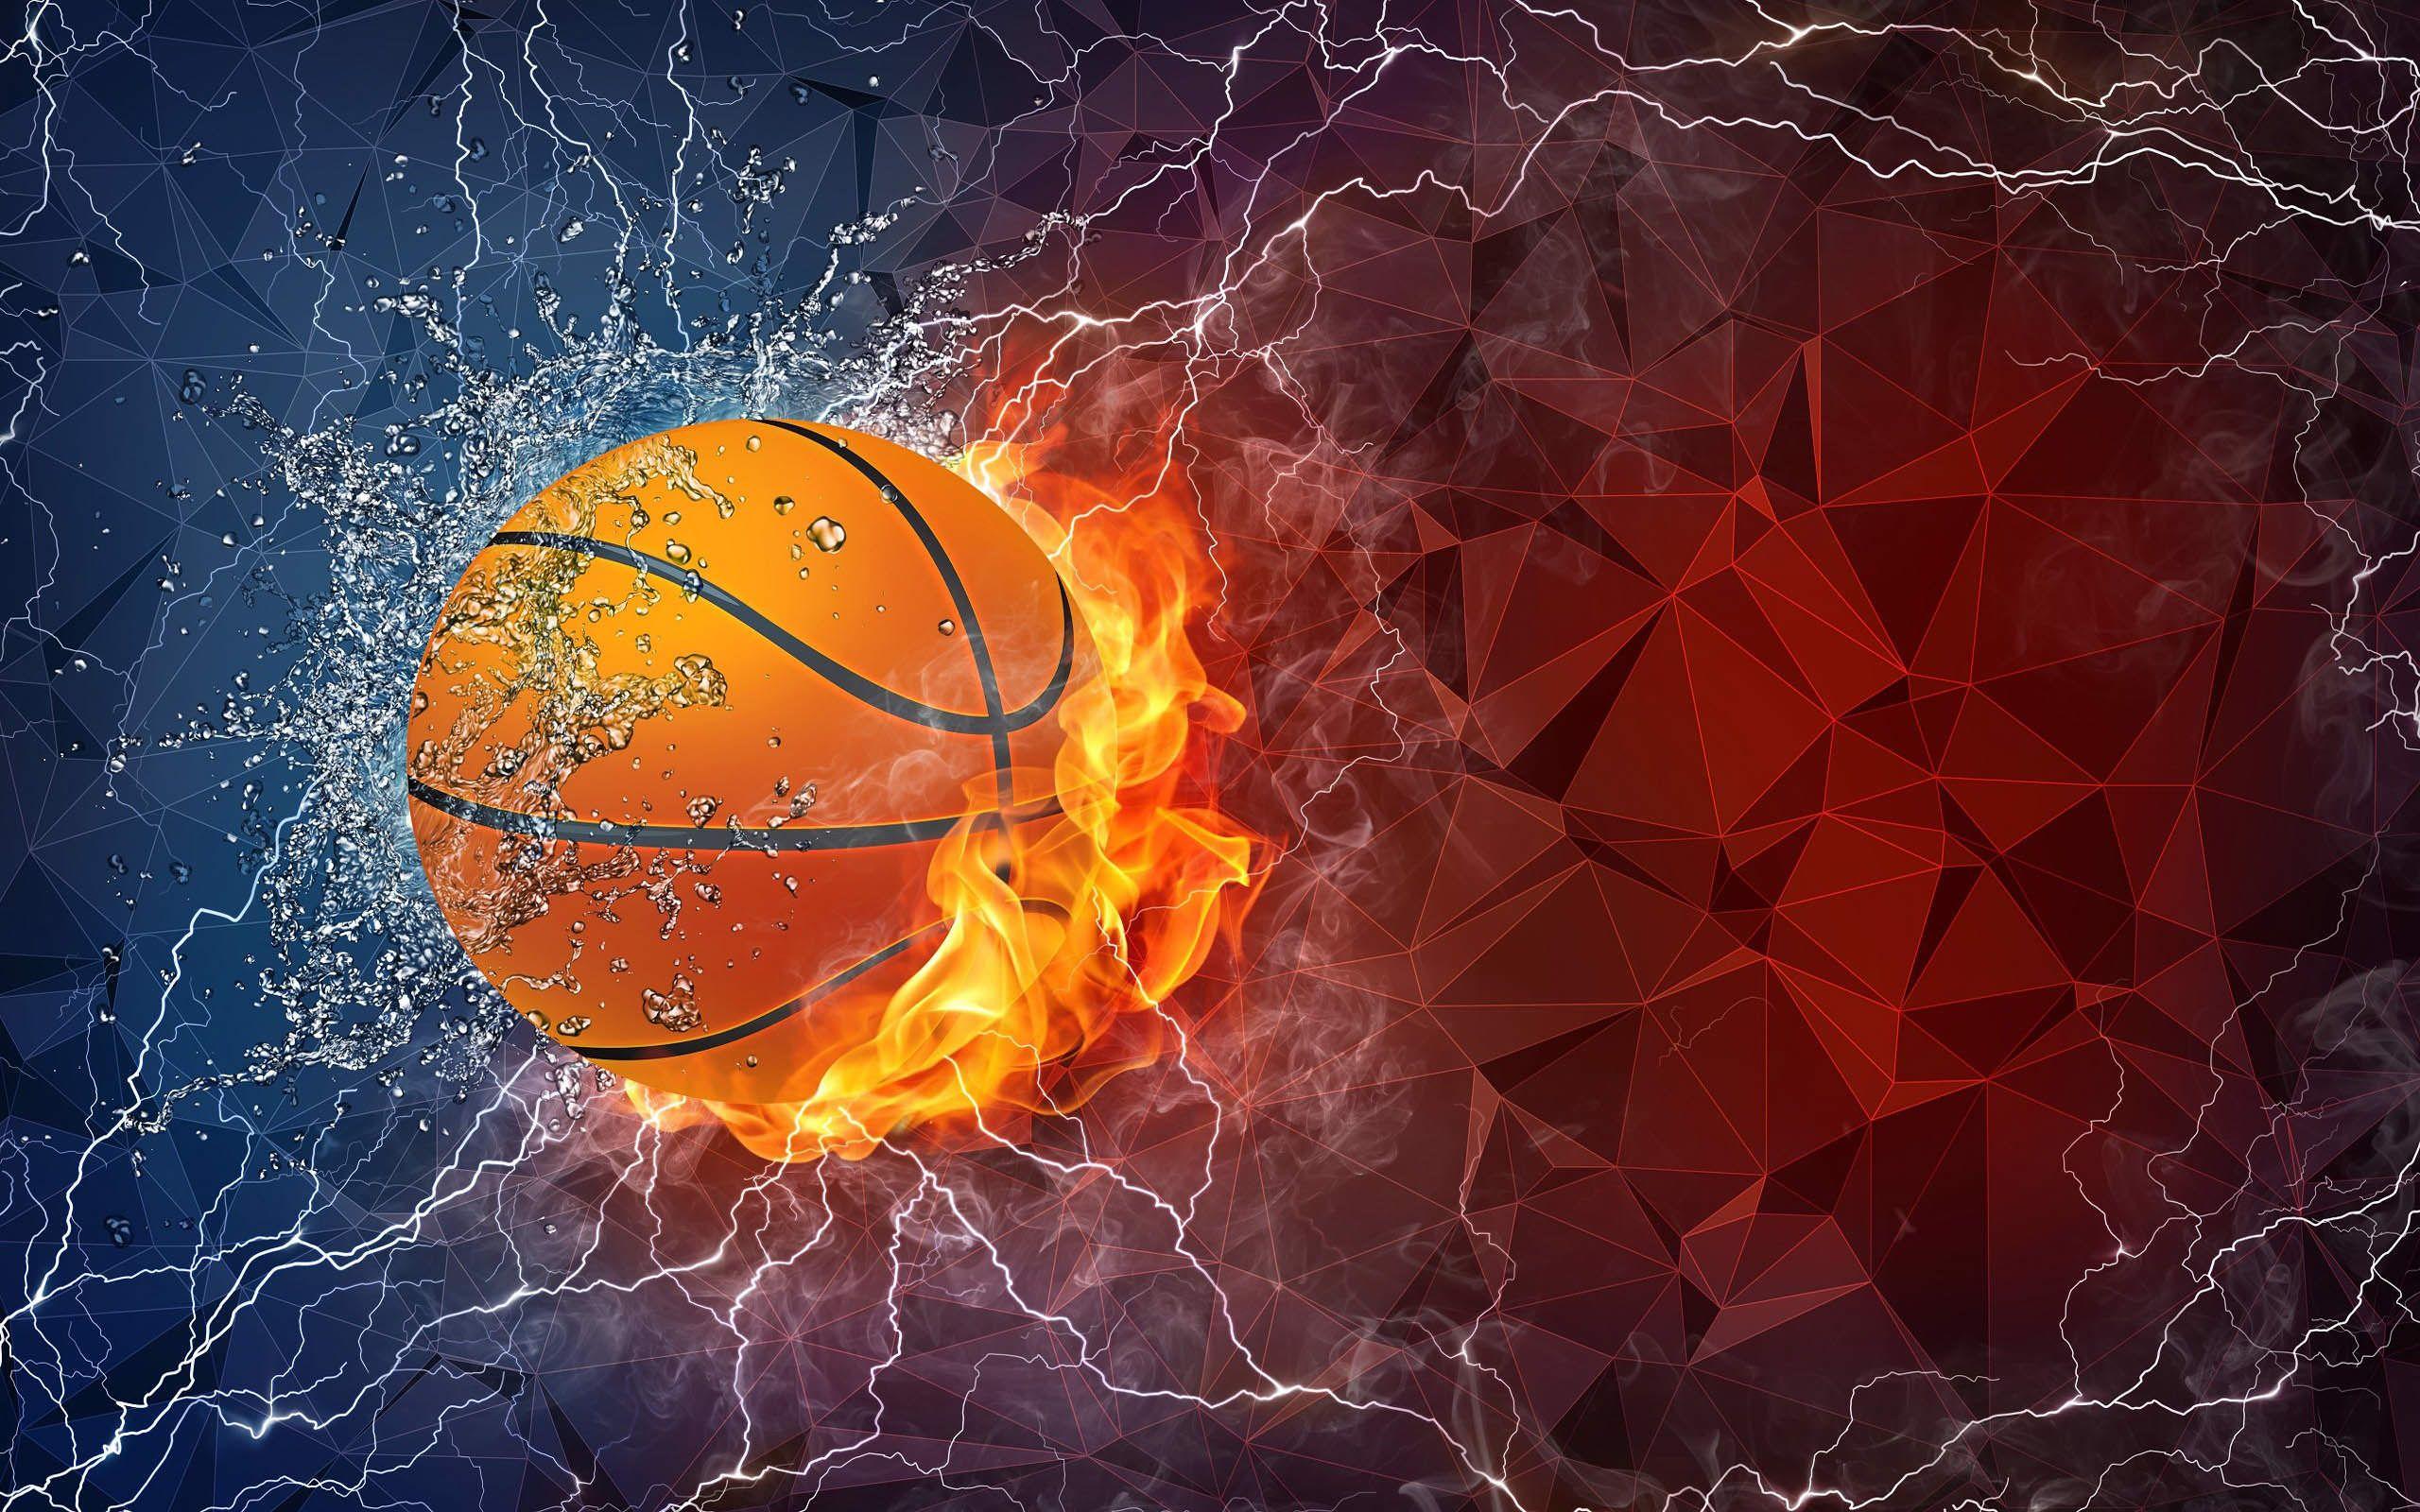 Nba 3d Wallpaper 2560x1600 Basketball Wallpapers Hd Basketball Wallpaper Cool Basketball Wallpapers